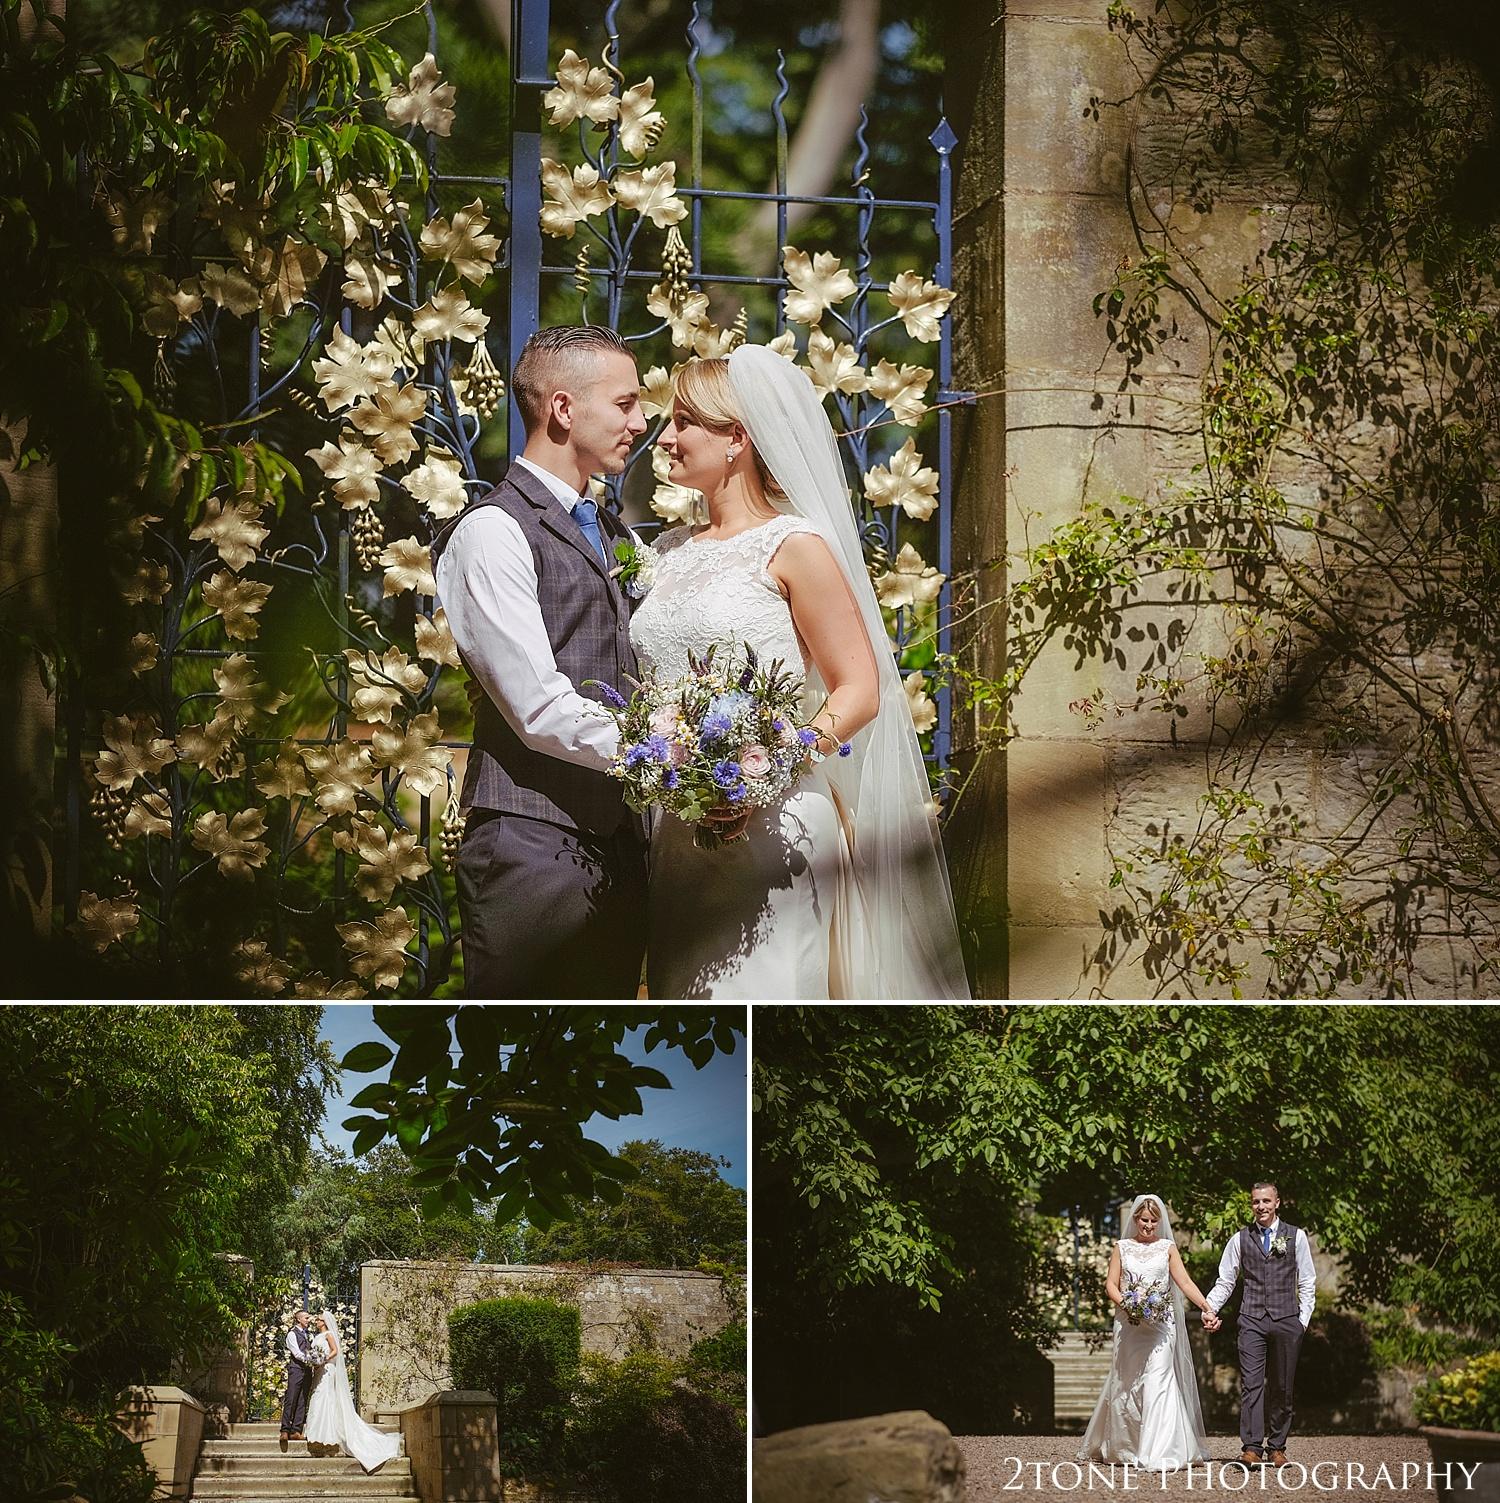 Creative wedding photography.  Wedding photography at Guyzance Hall by wedding photographers www.2tonephotography.co.uk